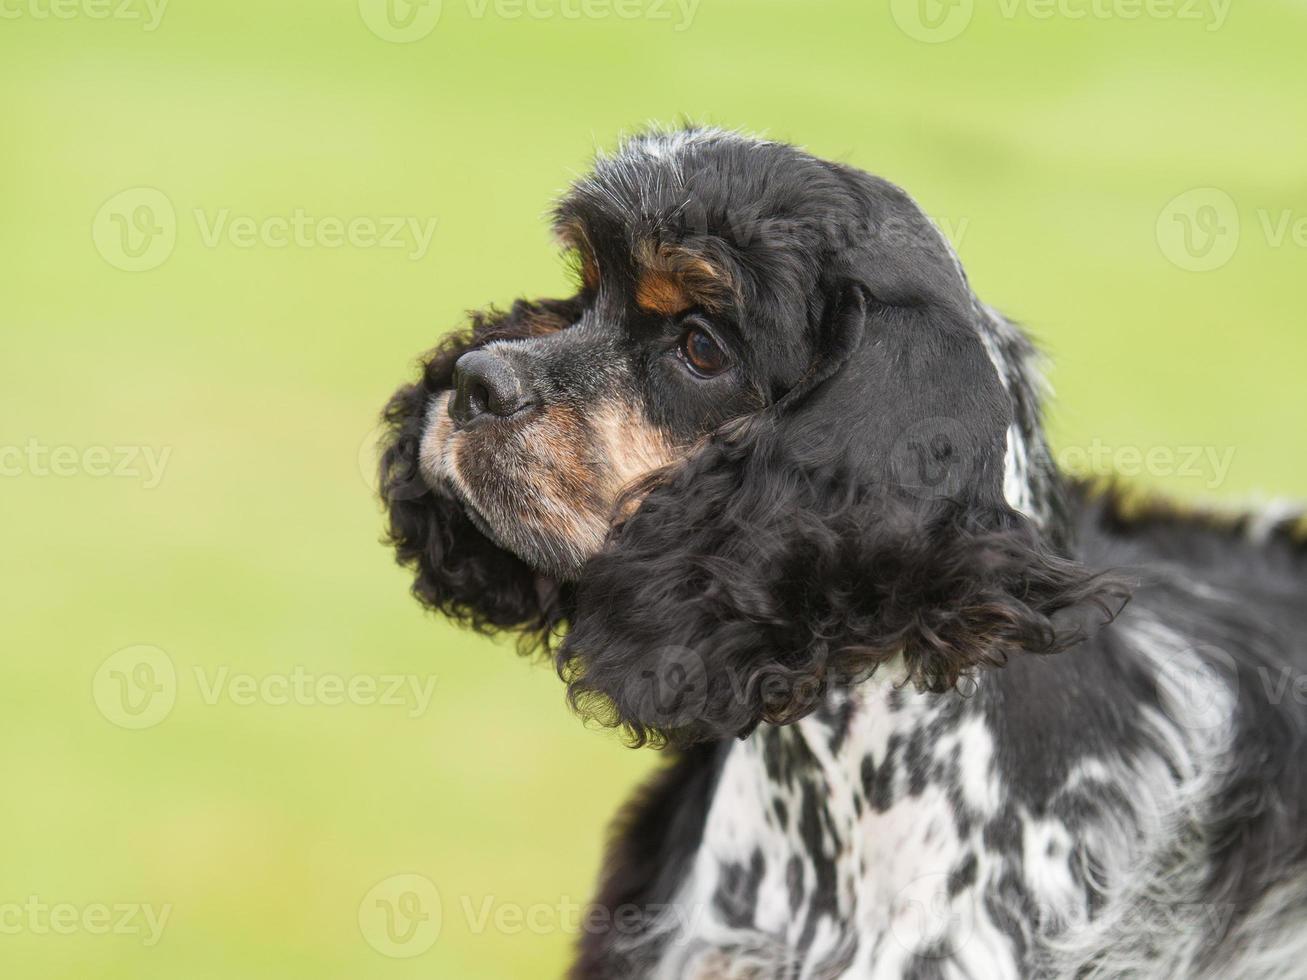 portret van puppy cocker spaniel op groene achtergrond foto